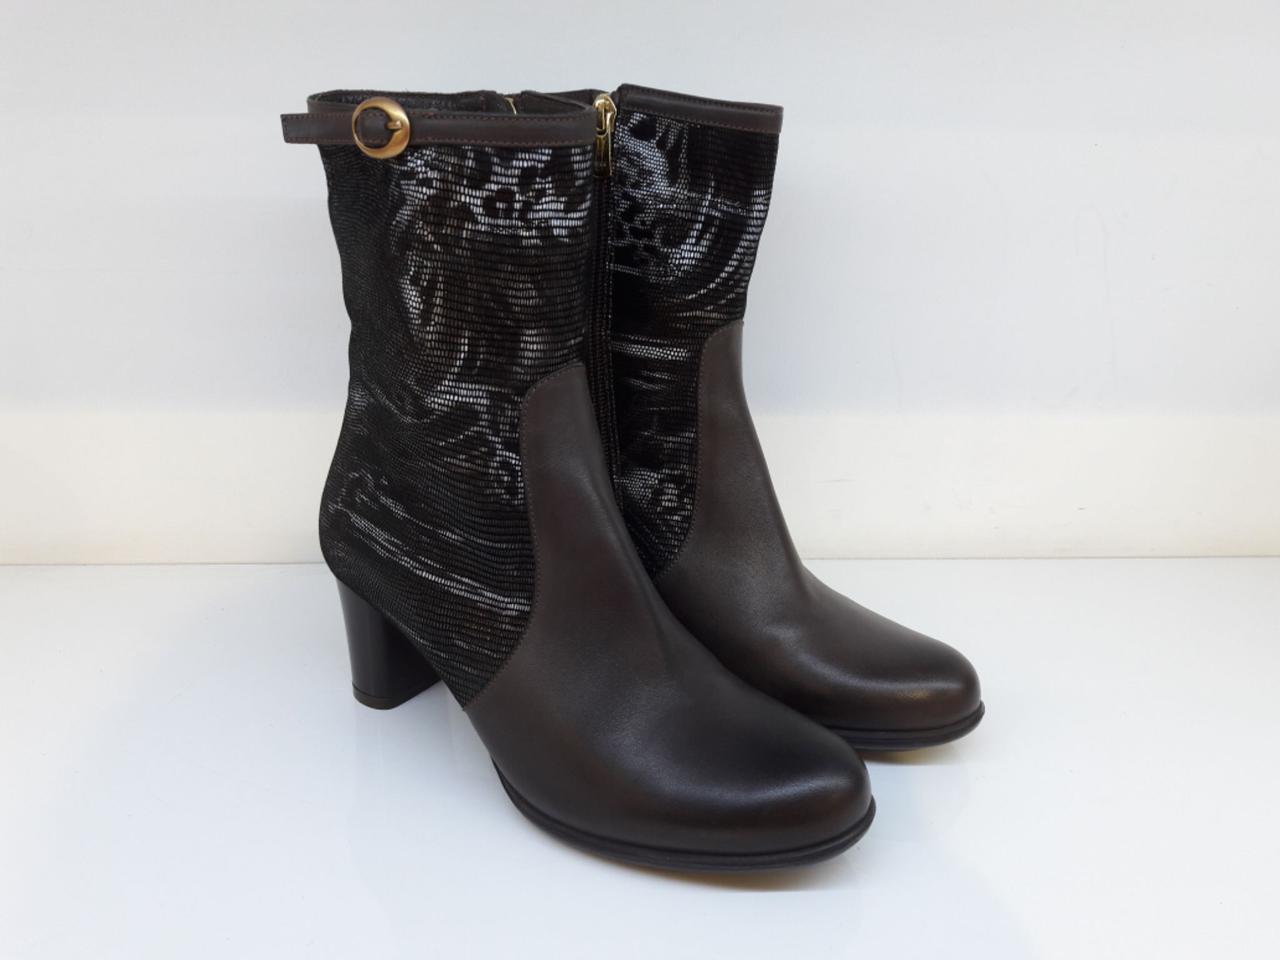 Ботинки Etor 3595-41-090 коричневые